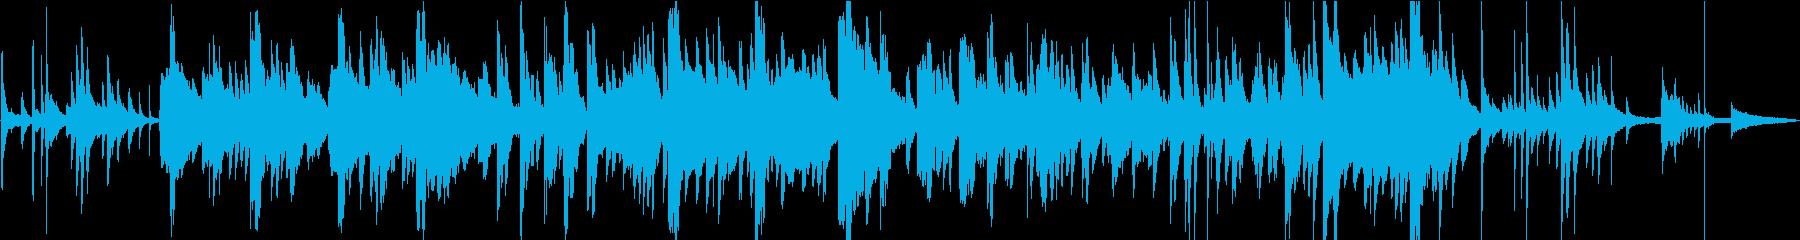 ピアノとトランペットのエレガントなジャズの再生済みの波形